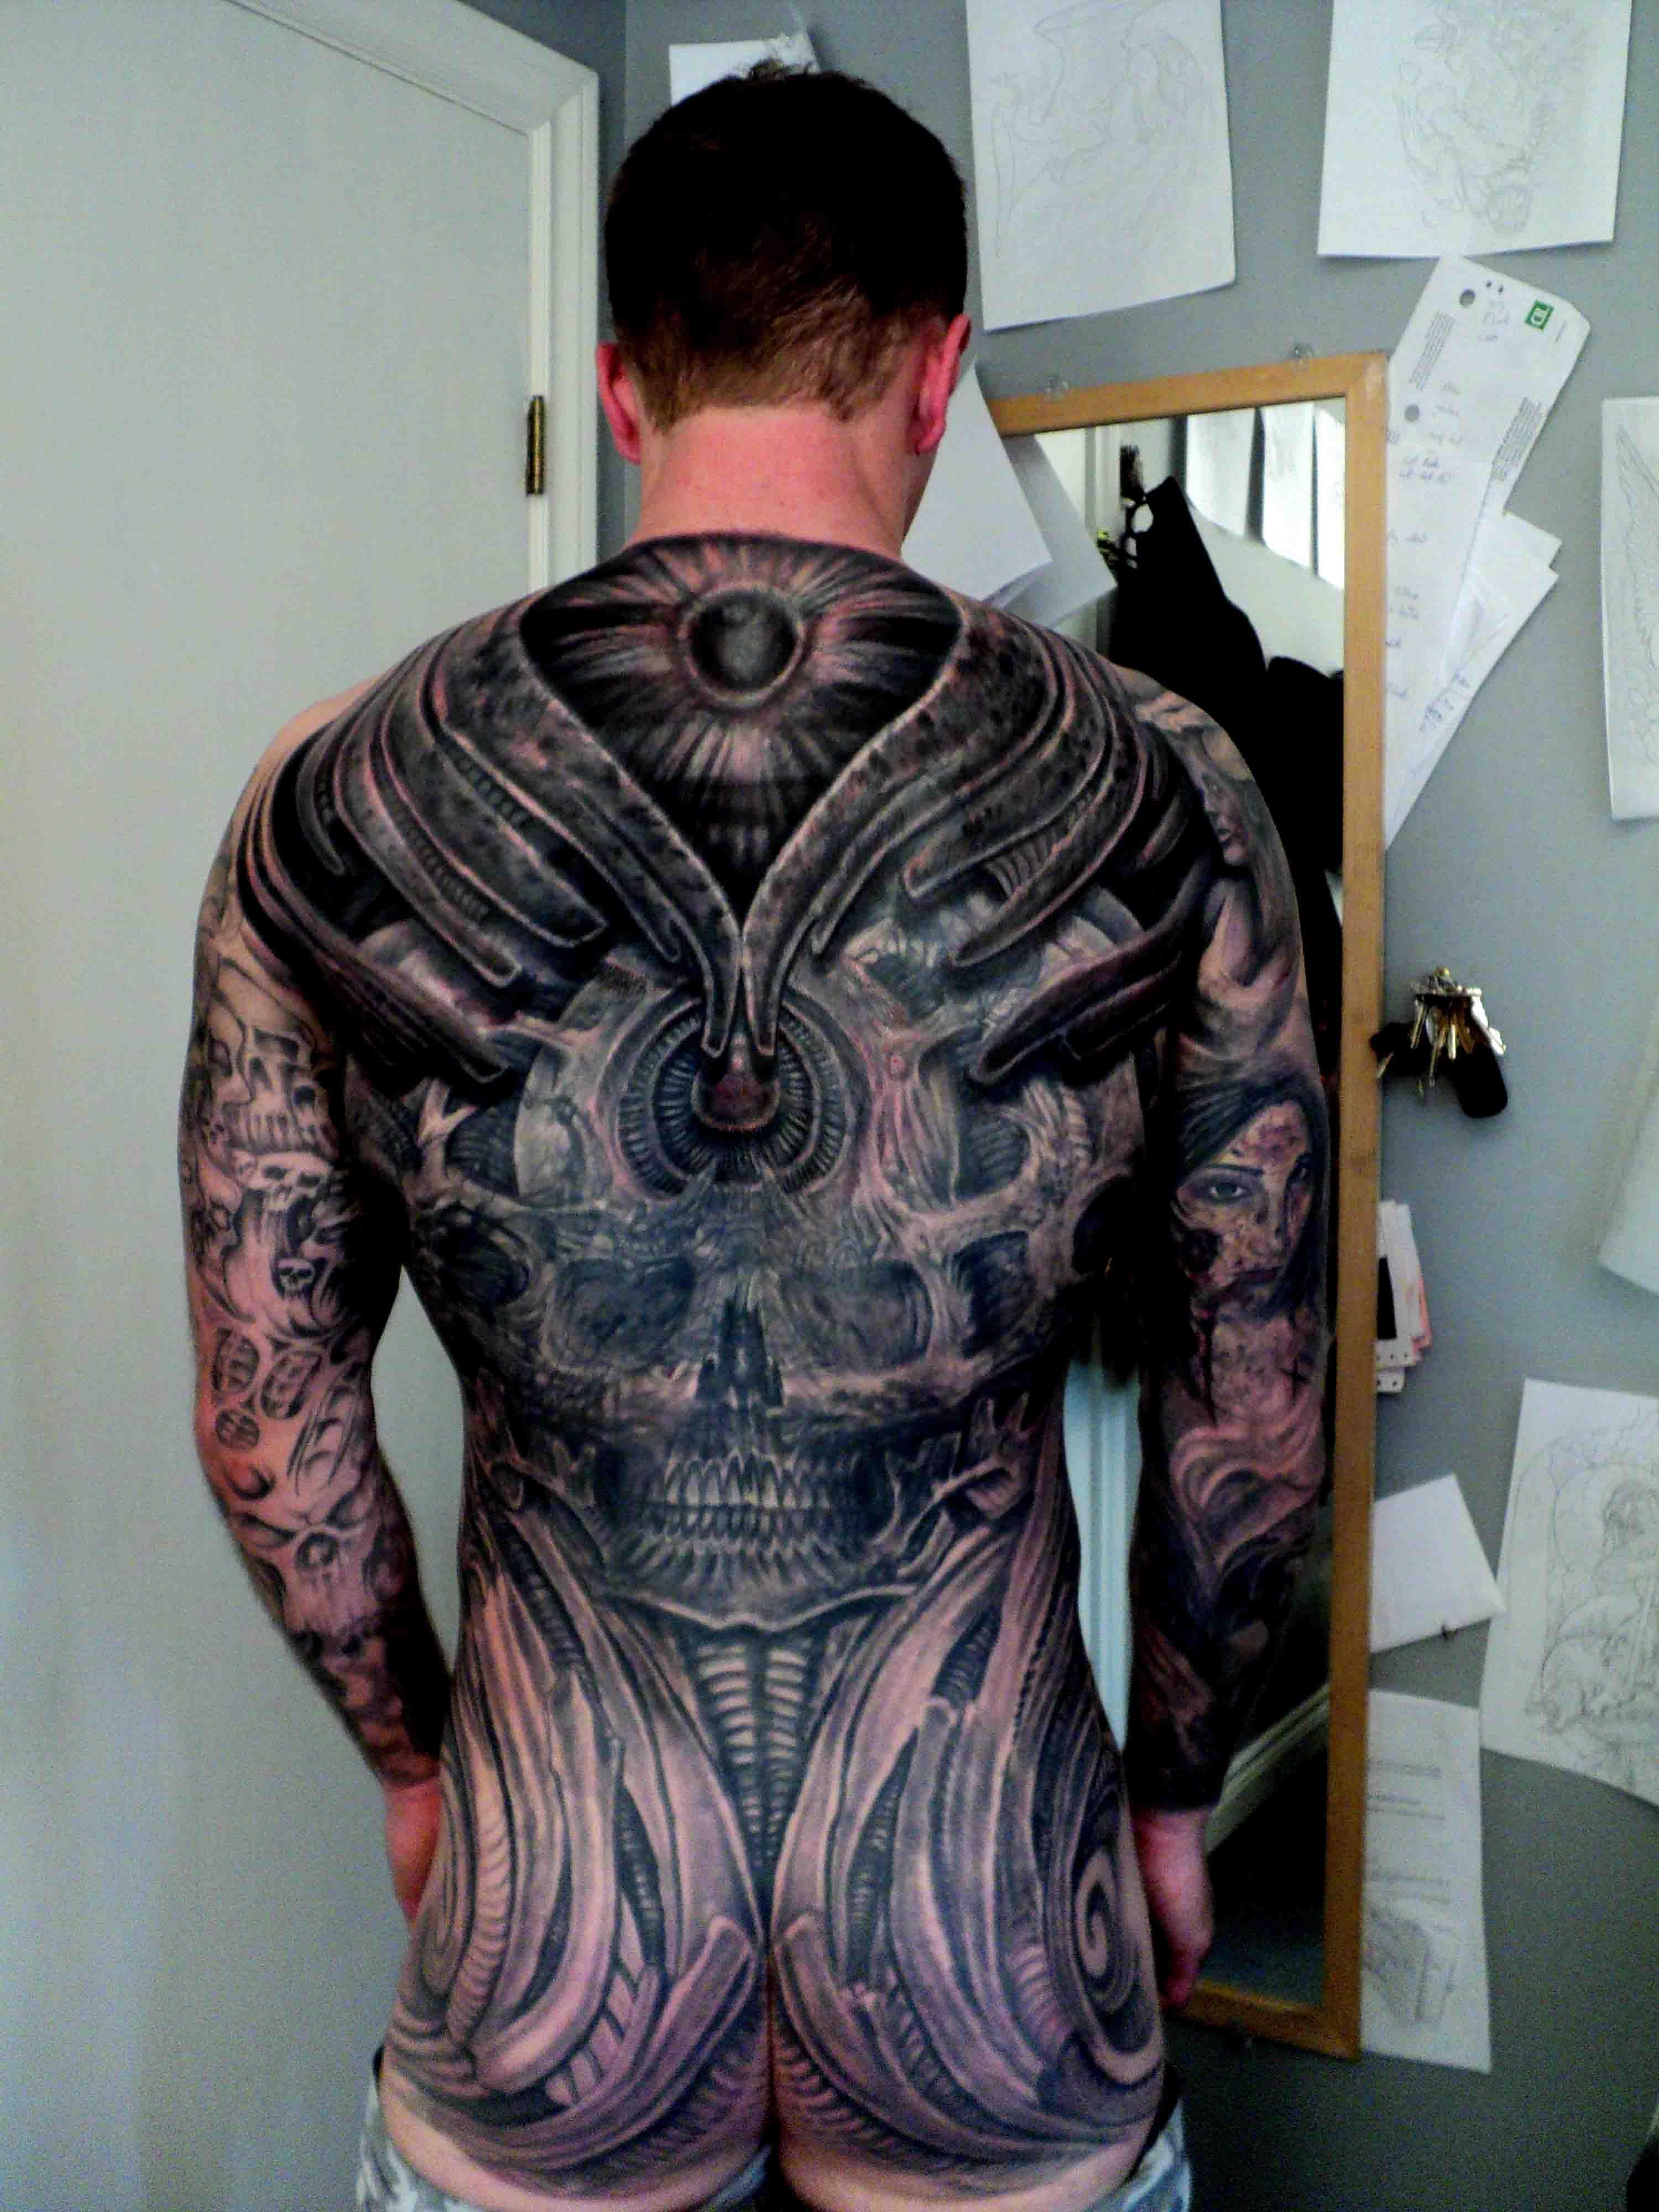 Tattoo gear tattoo sleeve mechanic tattoo mechanical tattoo gears - Biomechanical Back Tattoo By Bruce Cove